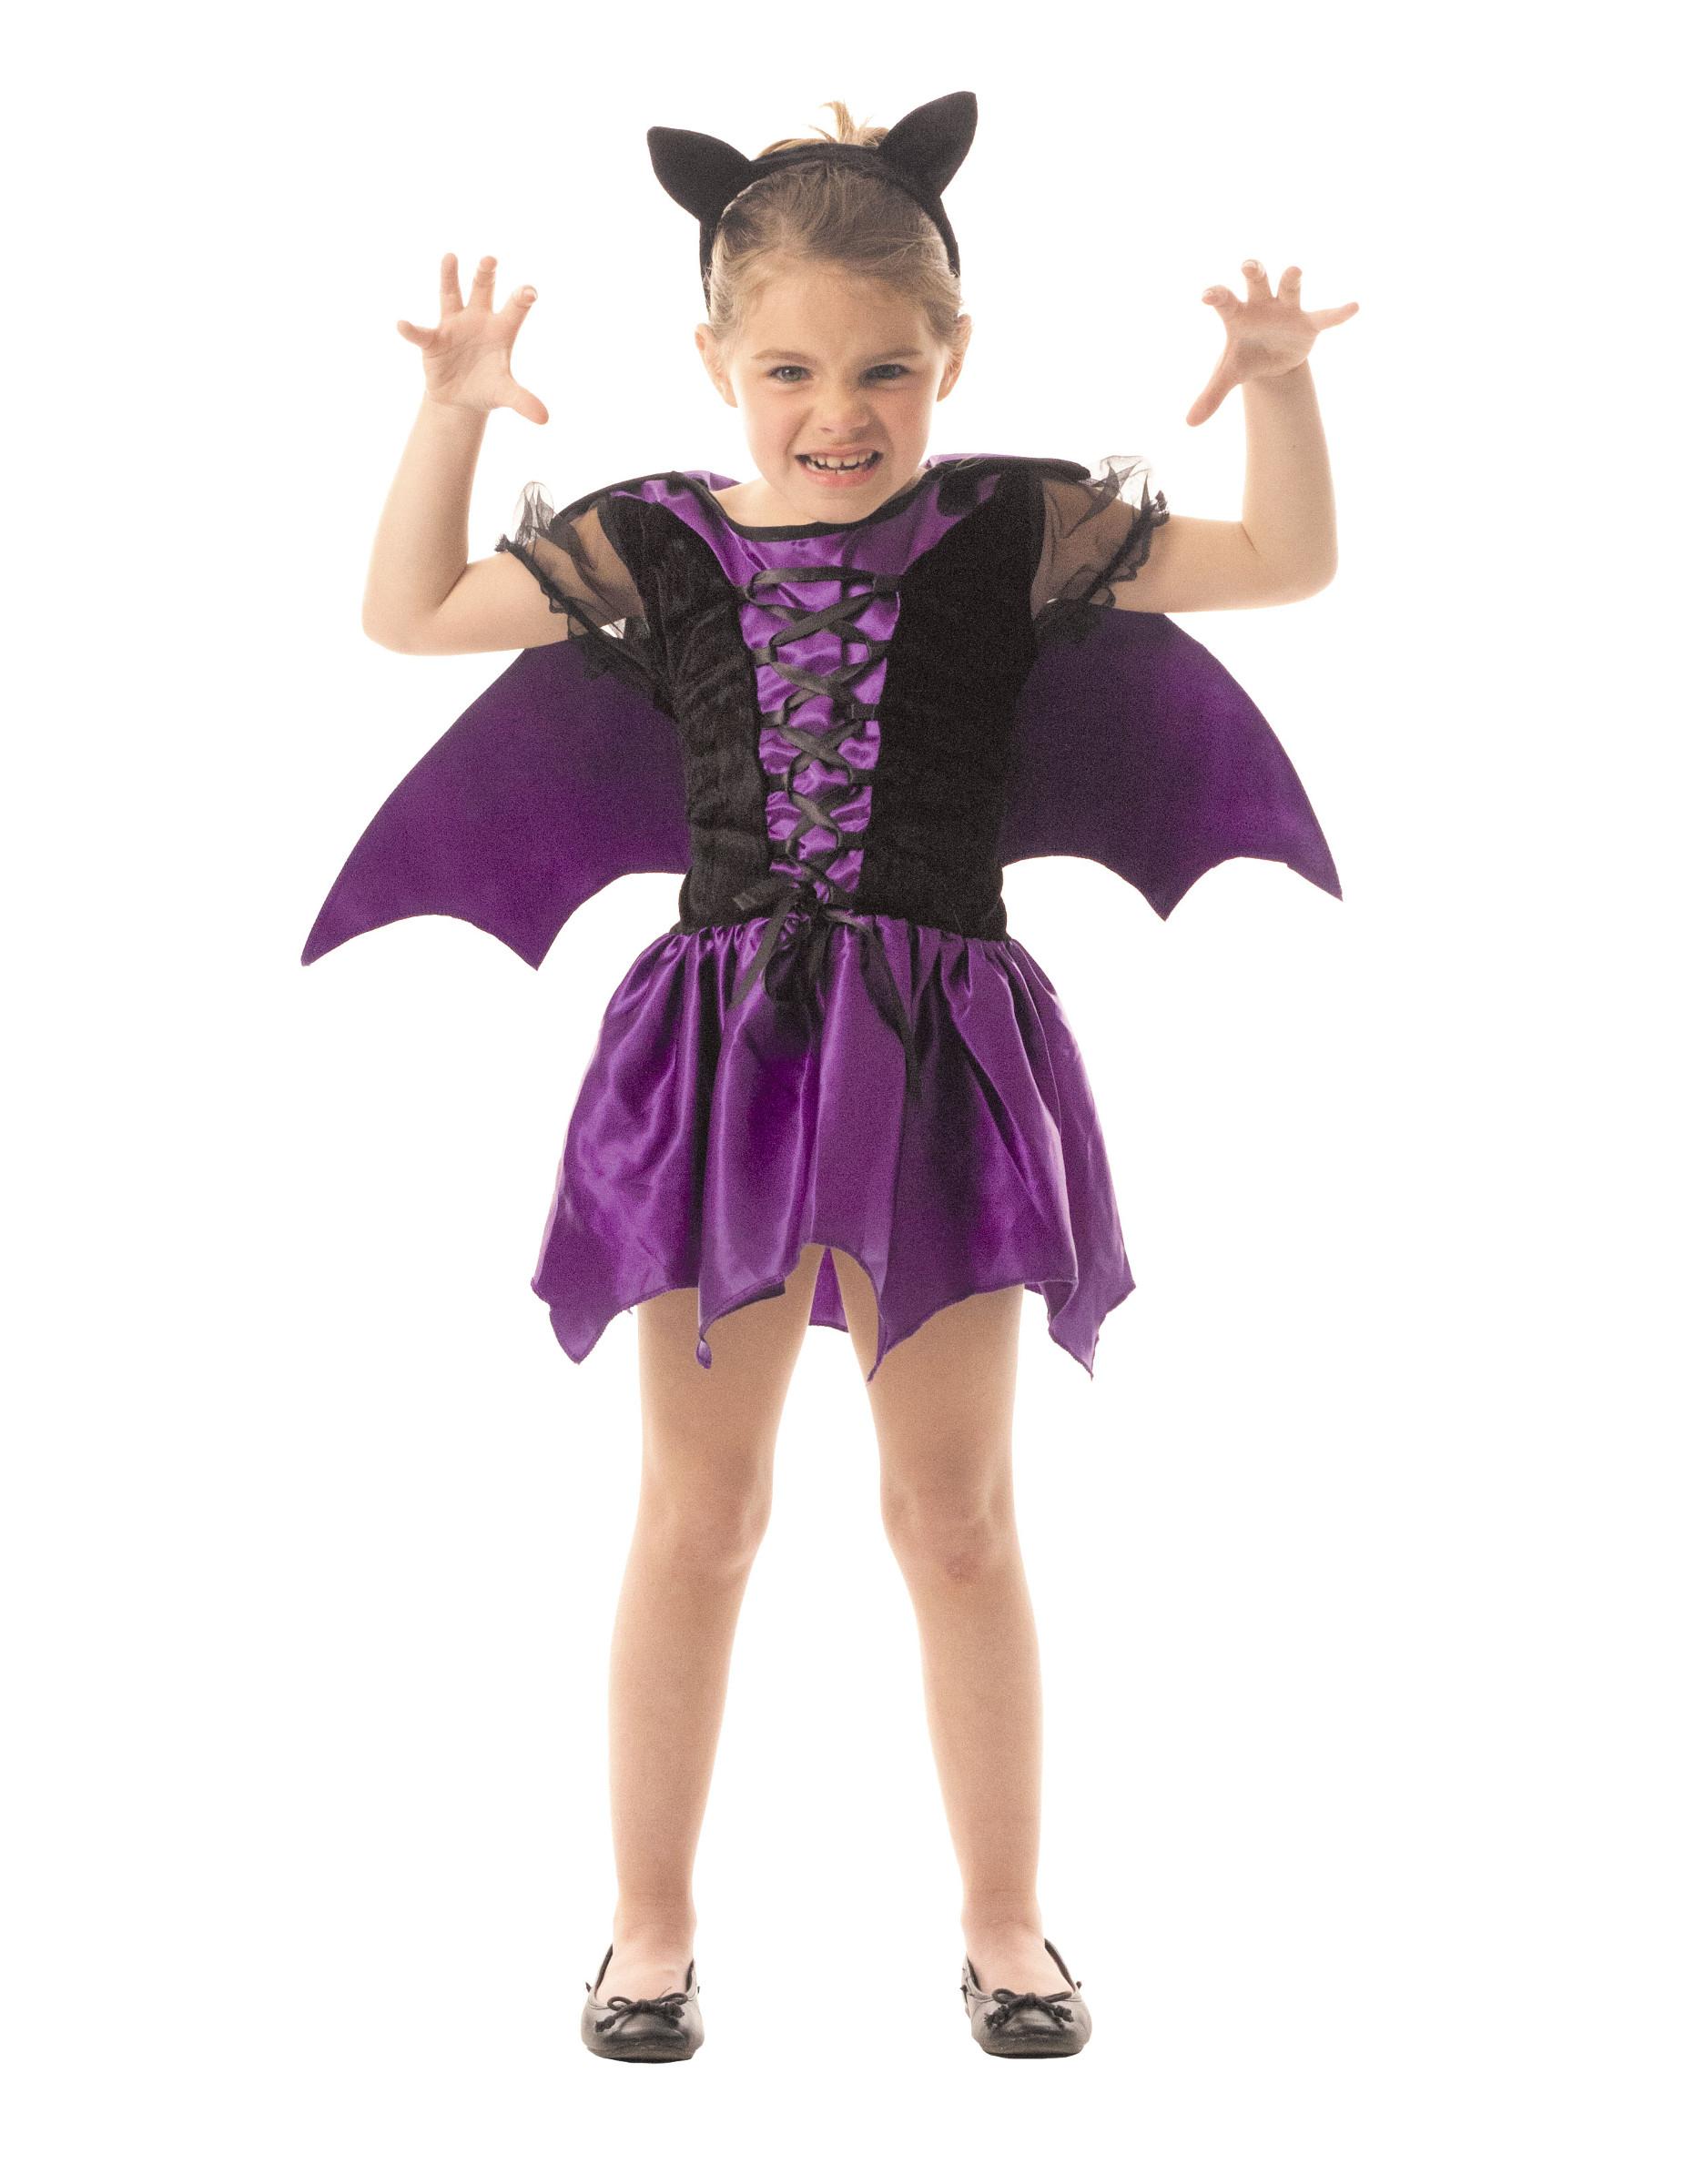 d guisement chauve souris violette fille halloween deguise toi achat de d guisements enfants. Black Bedroom Furniture Sets. Home Design Ideas